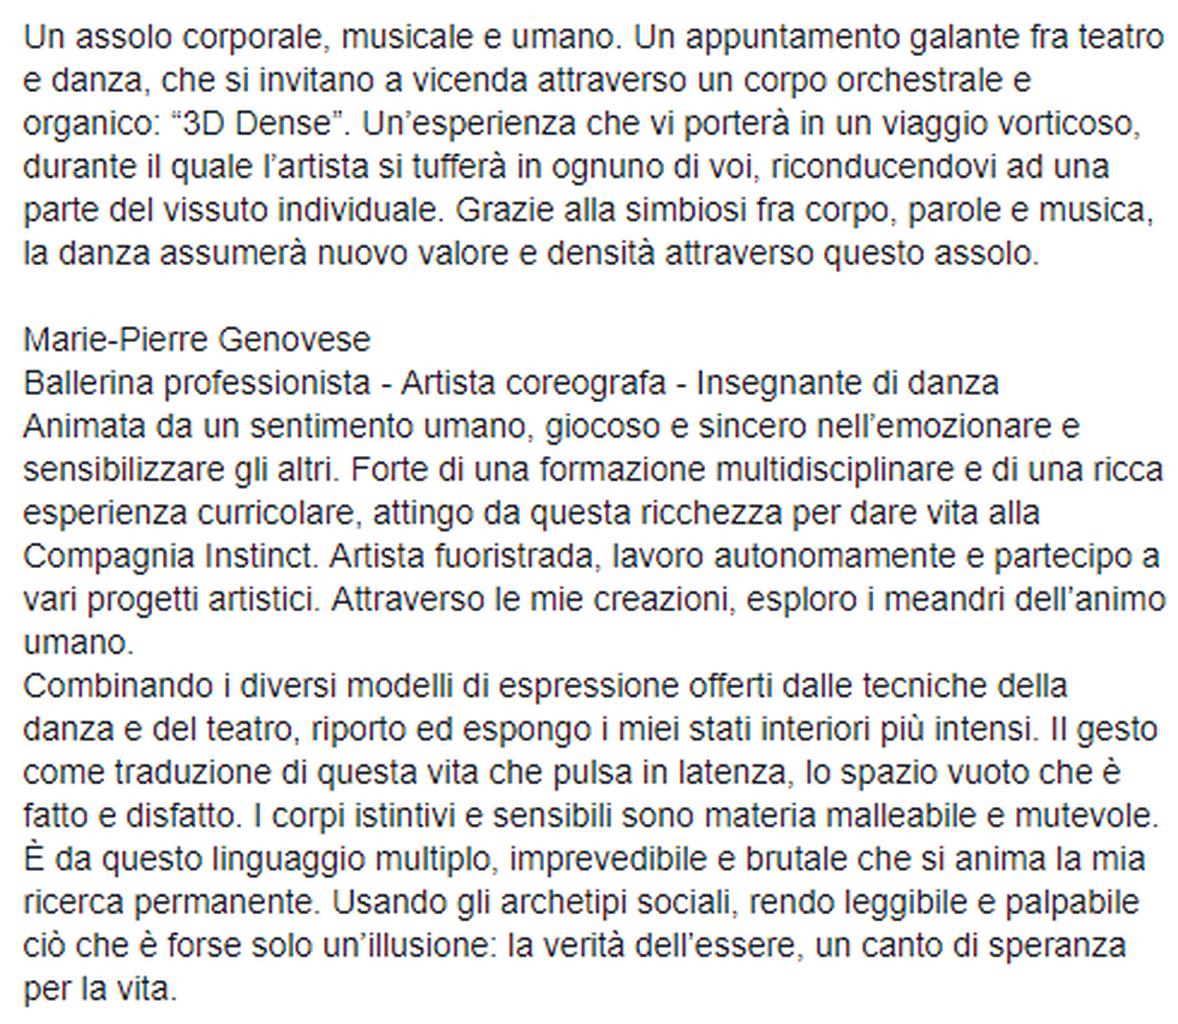 Marie-Pierre Genovese 3DDense Italie